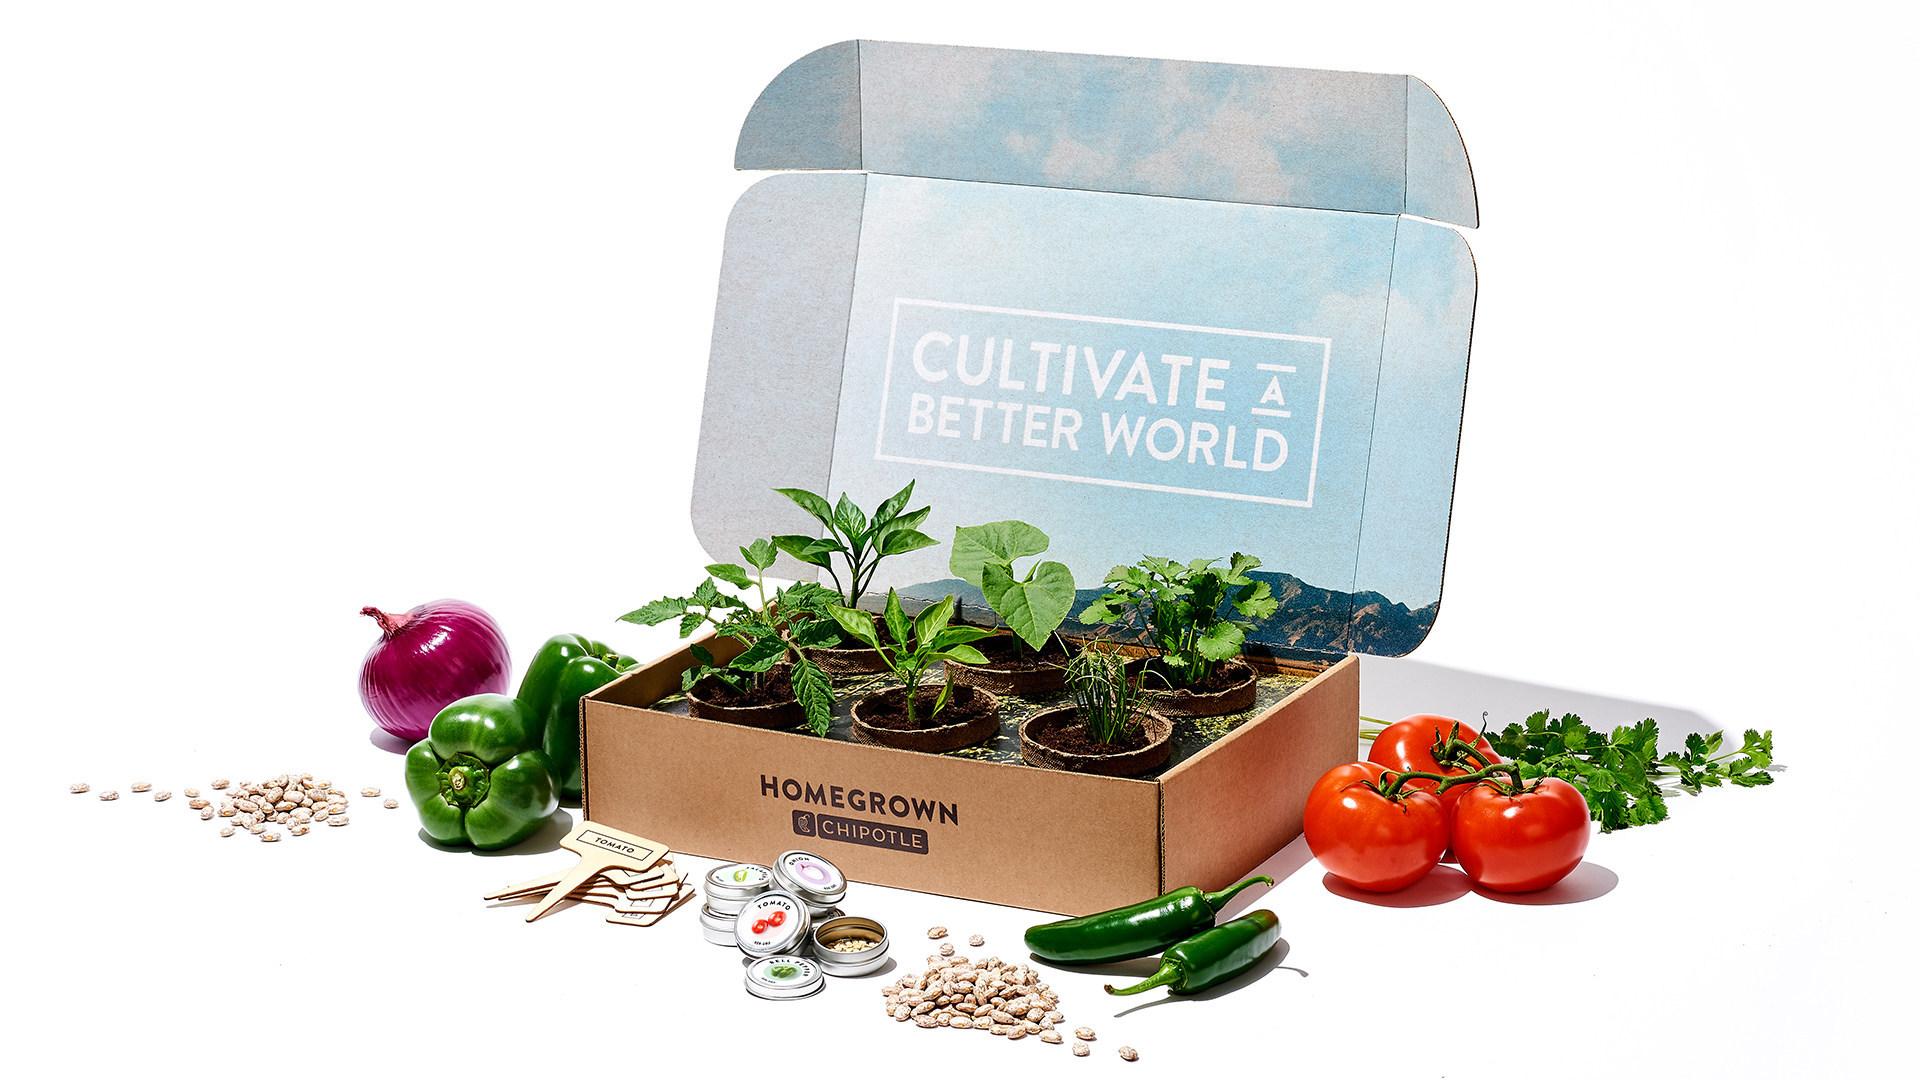 Home_Grown_Chipotle_Garden_Box.jpg